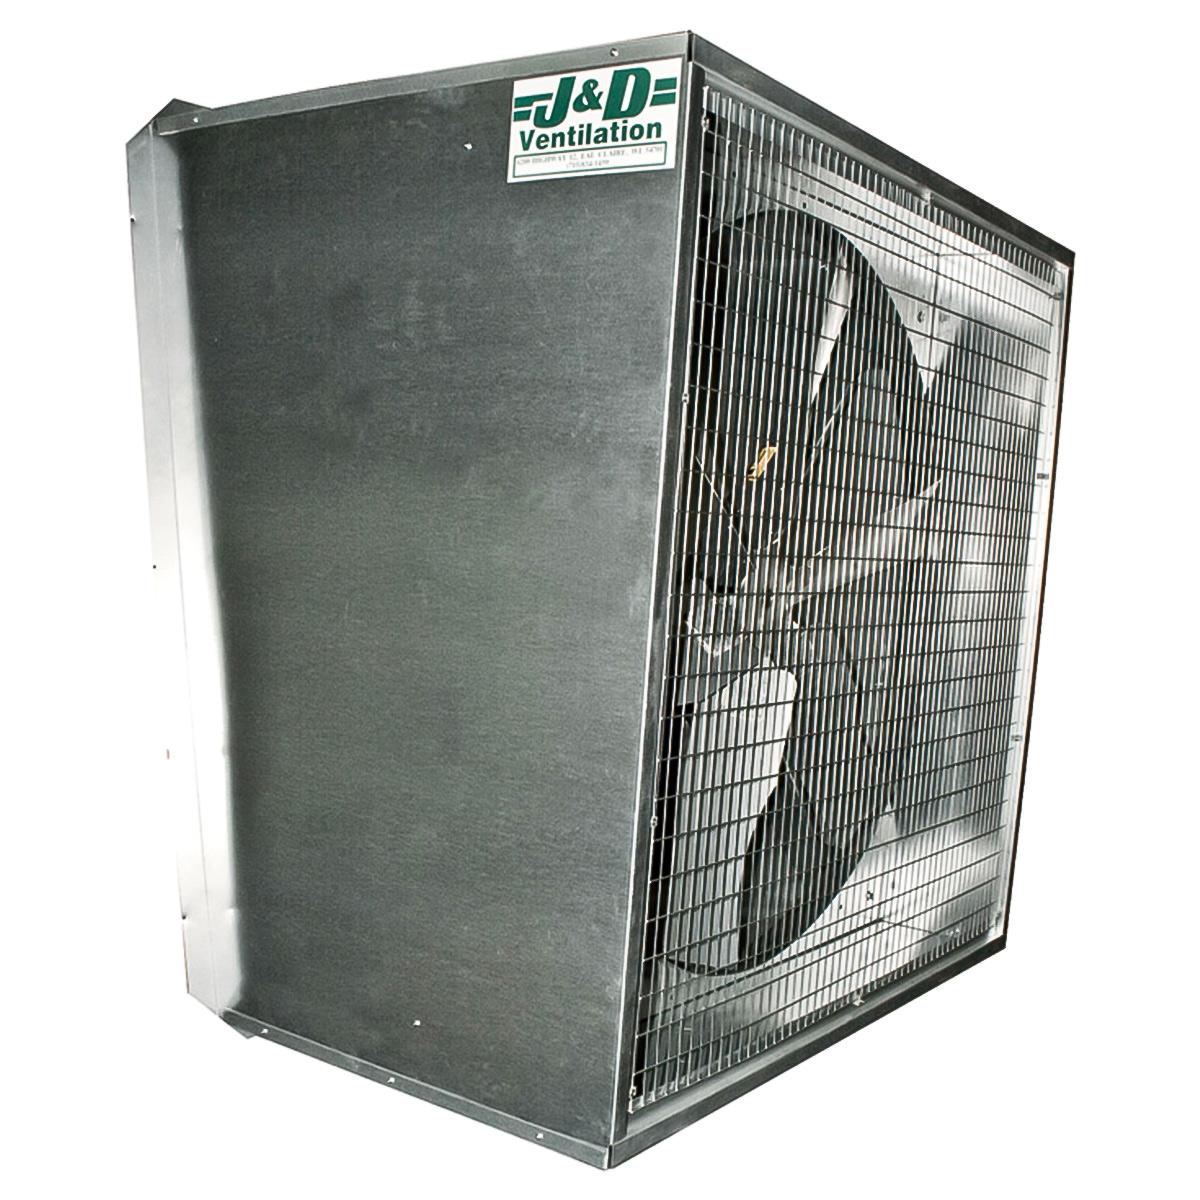 50 typhoon slant wall greenhouse exhaust fan